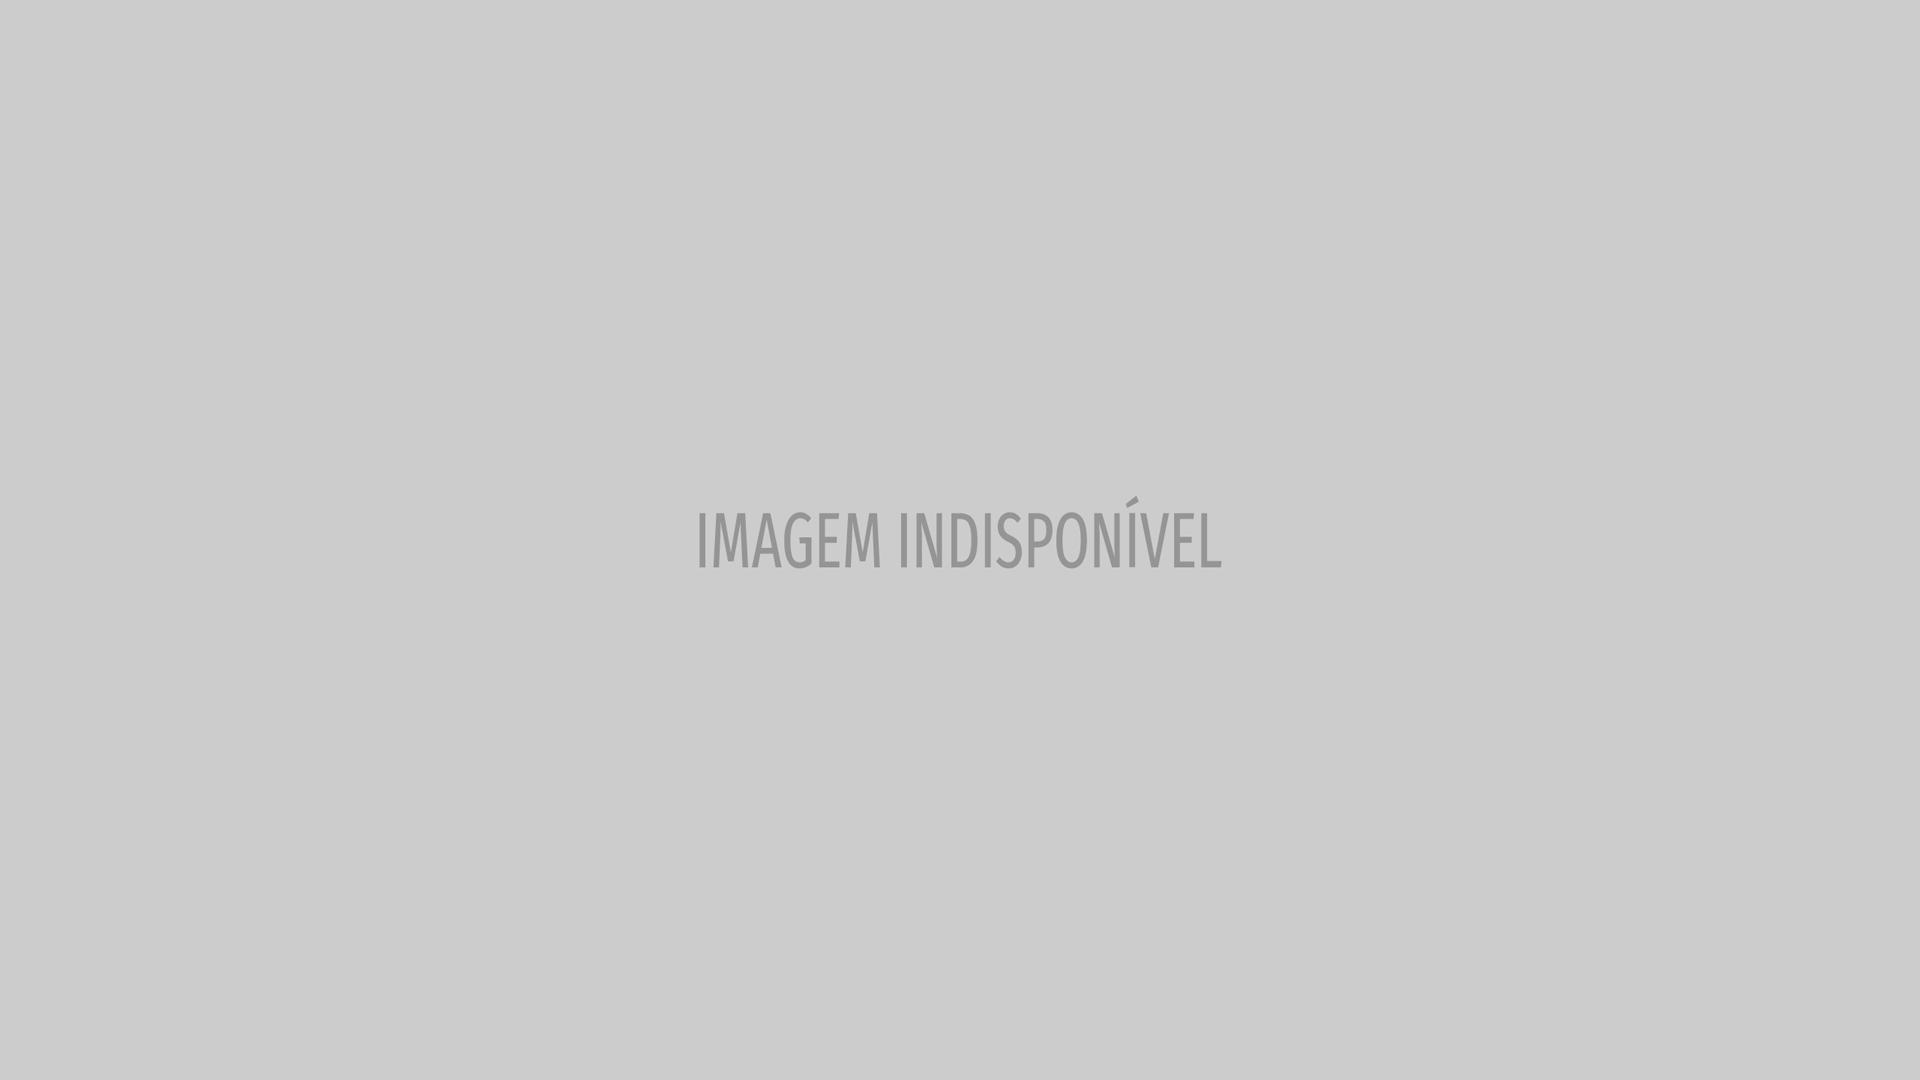 Pai de Fernanda Gentil revela como lida com homossexualidade da filha